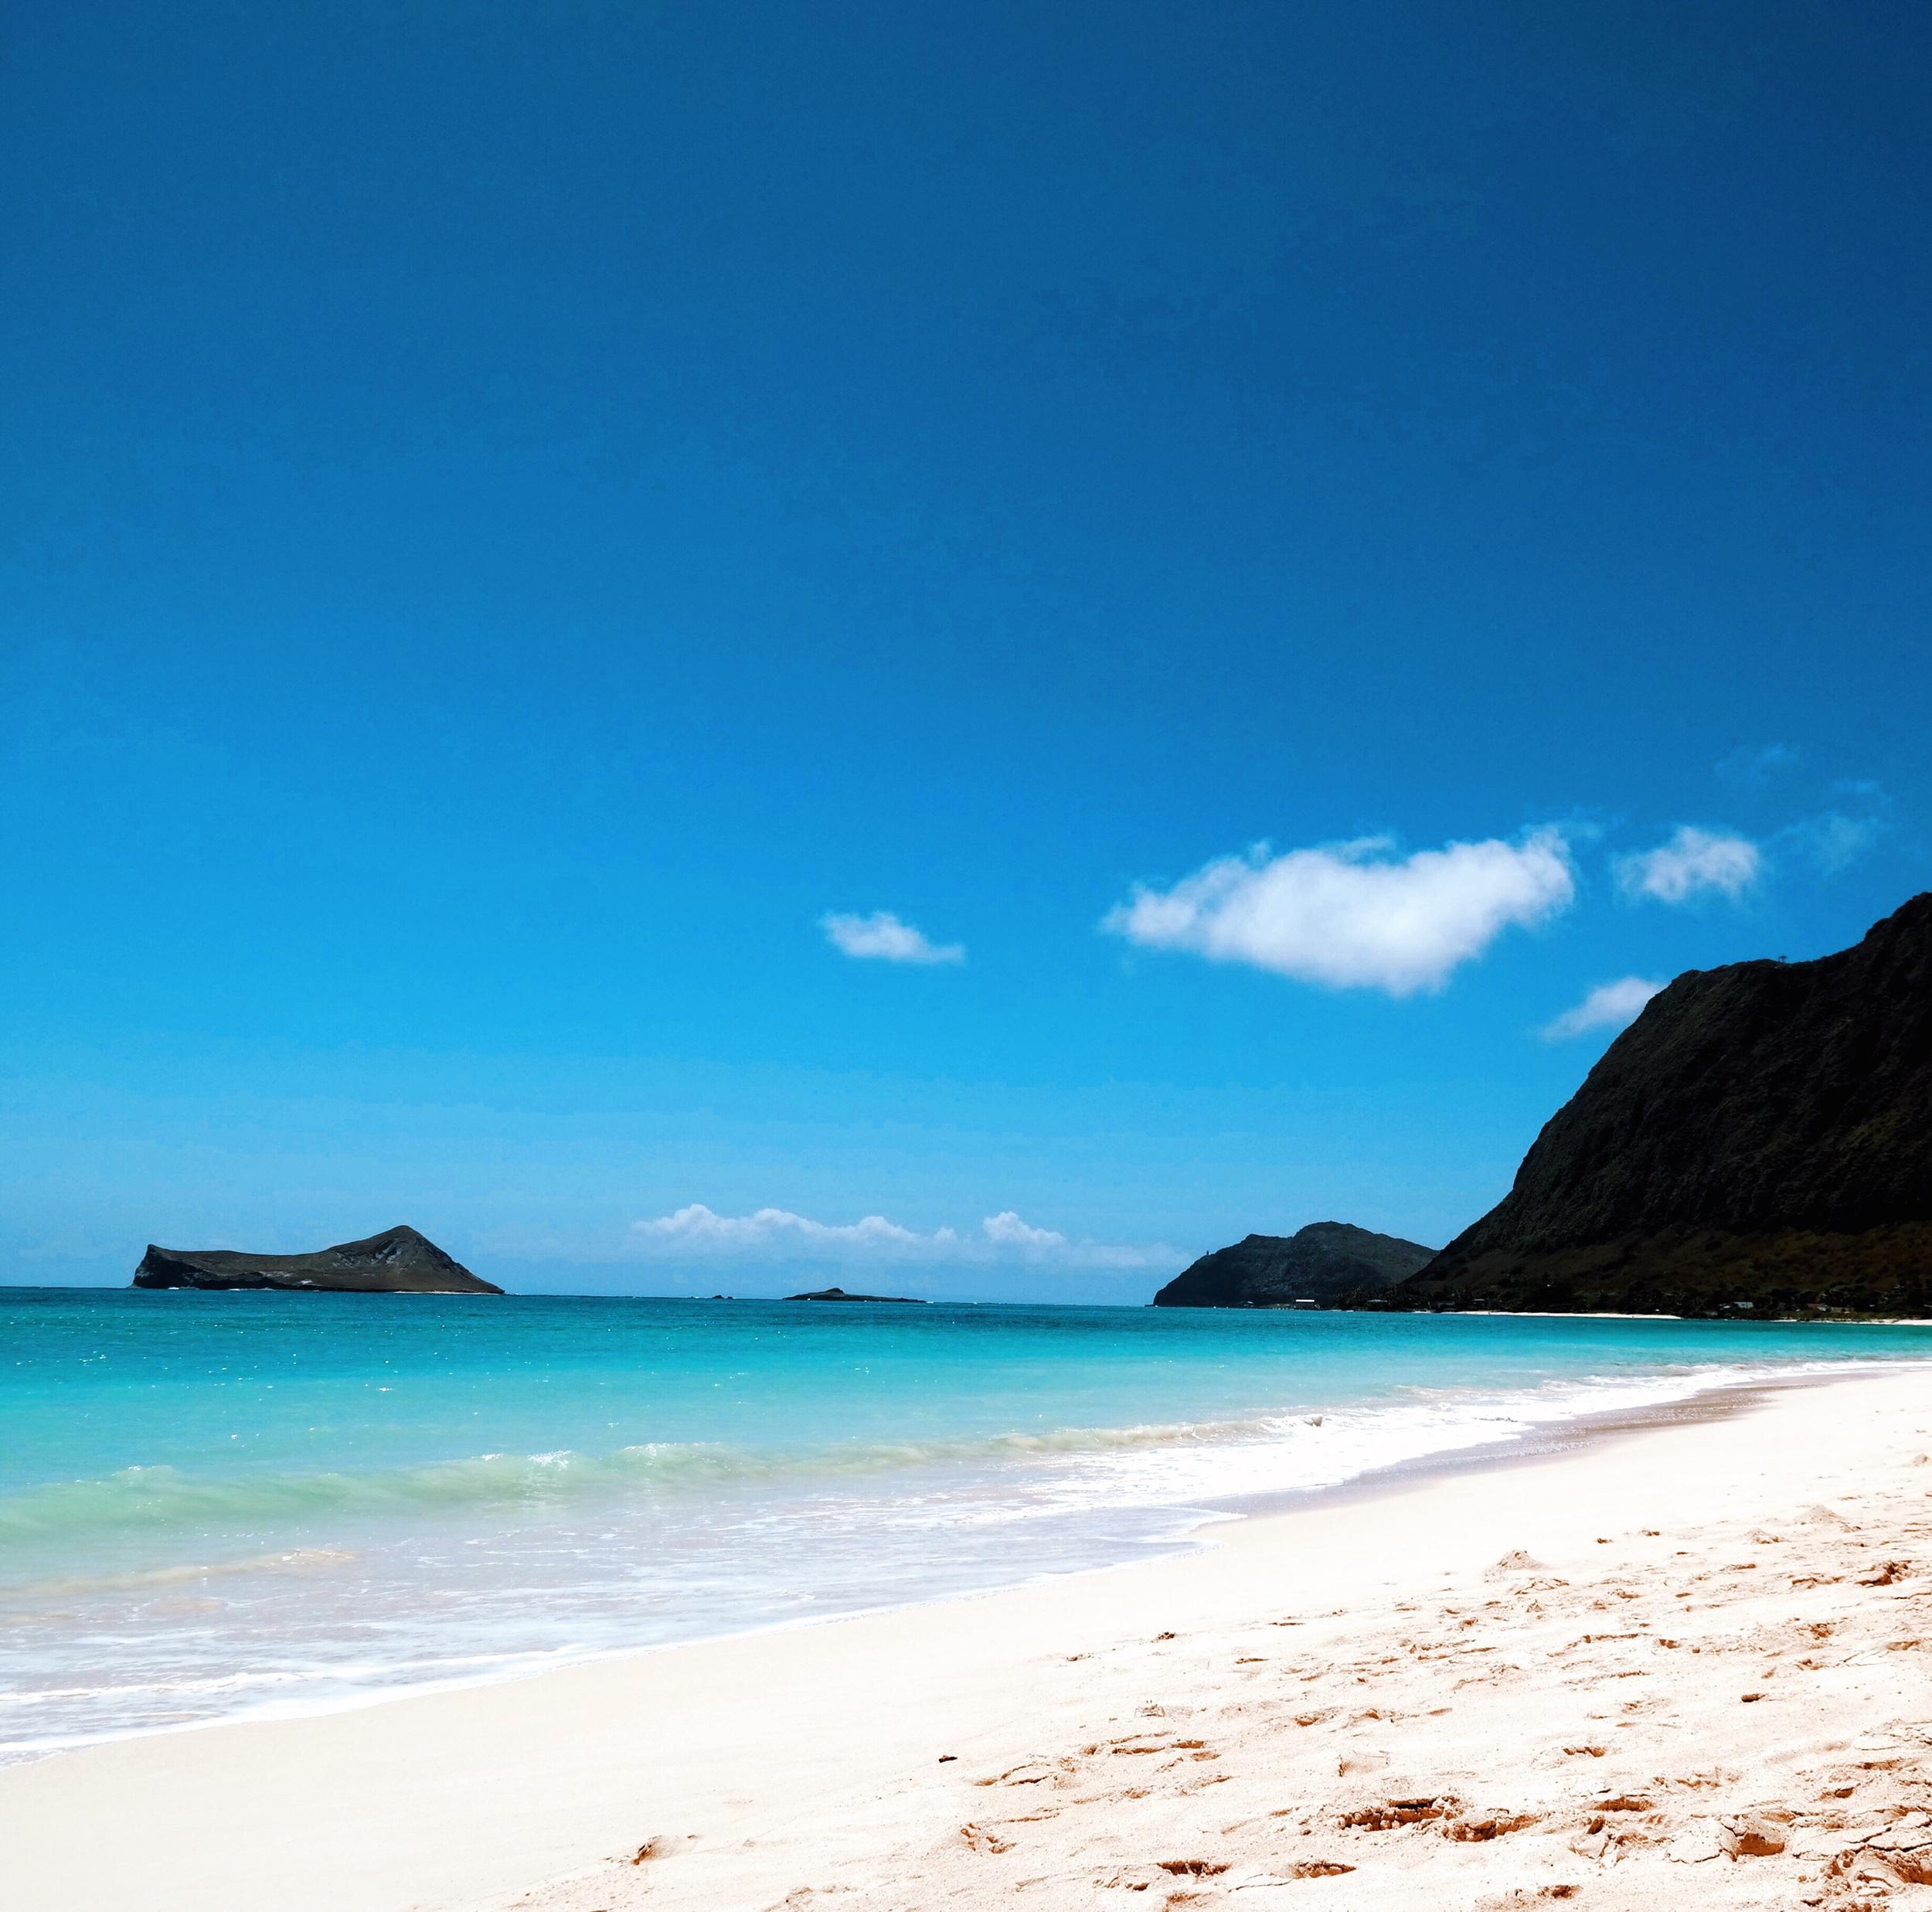 Waimanalo Bay Beach, Hawaii